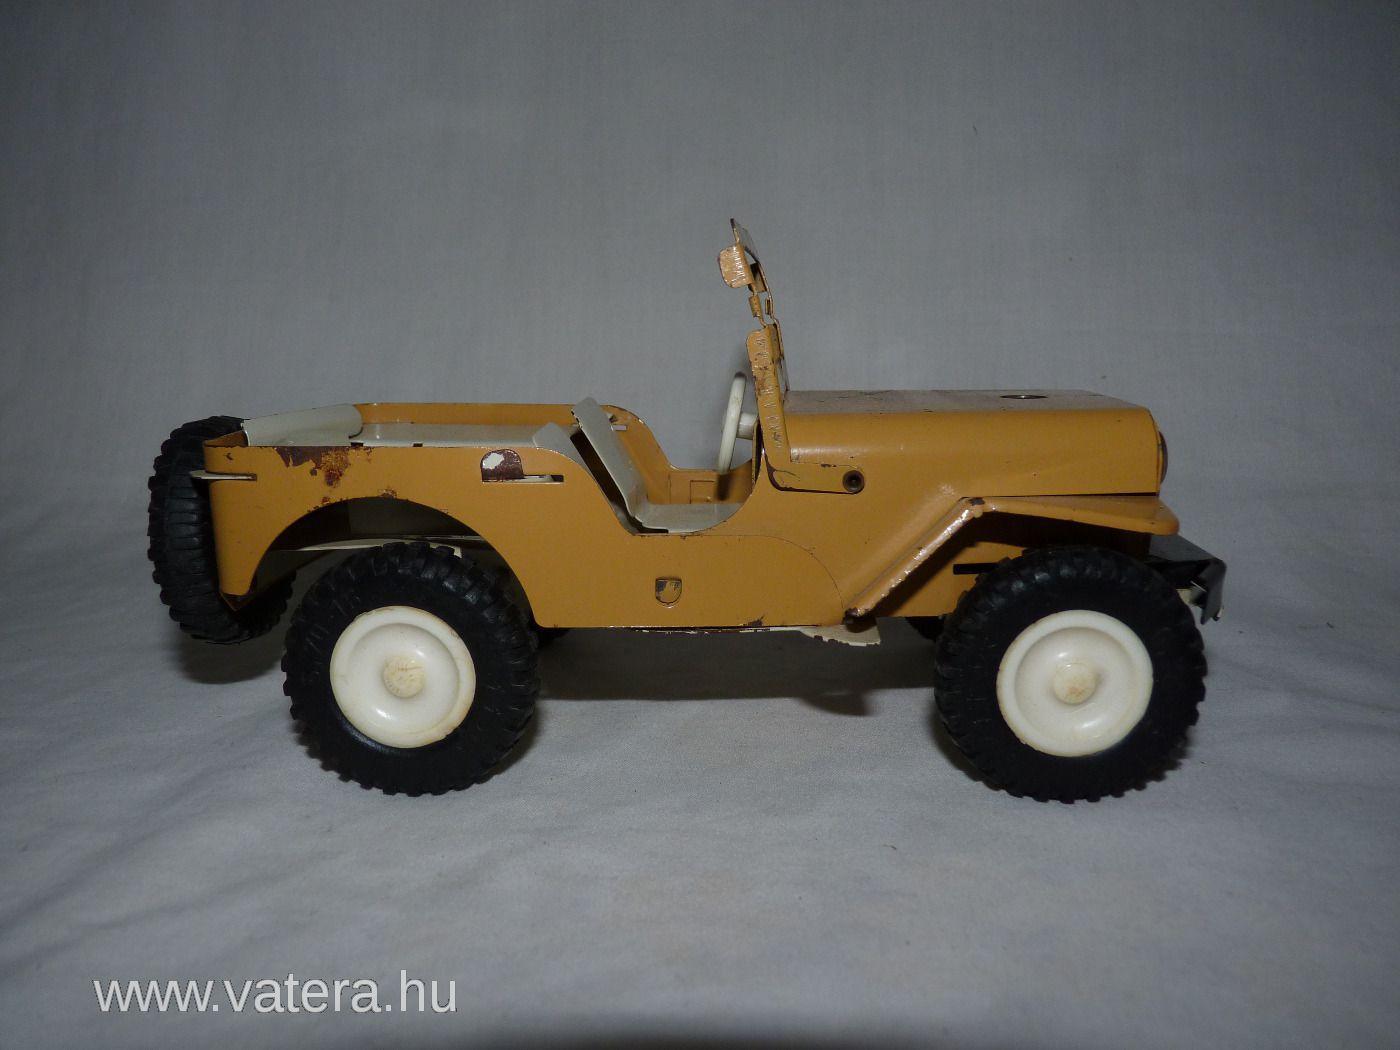 ites-jeep-regi-jatek-auto-lemez-jatek-331a_2_big.jpg